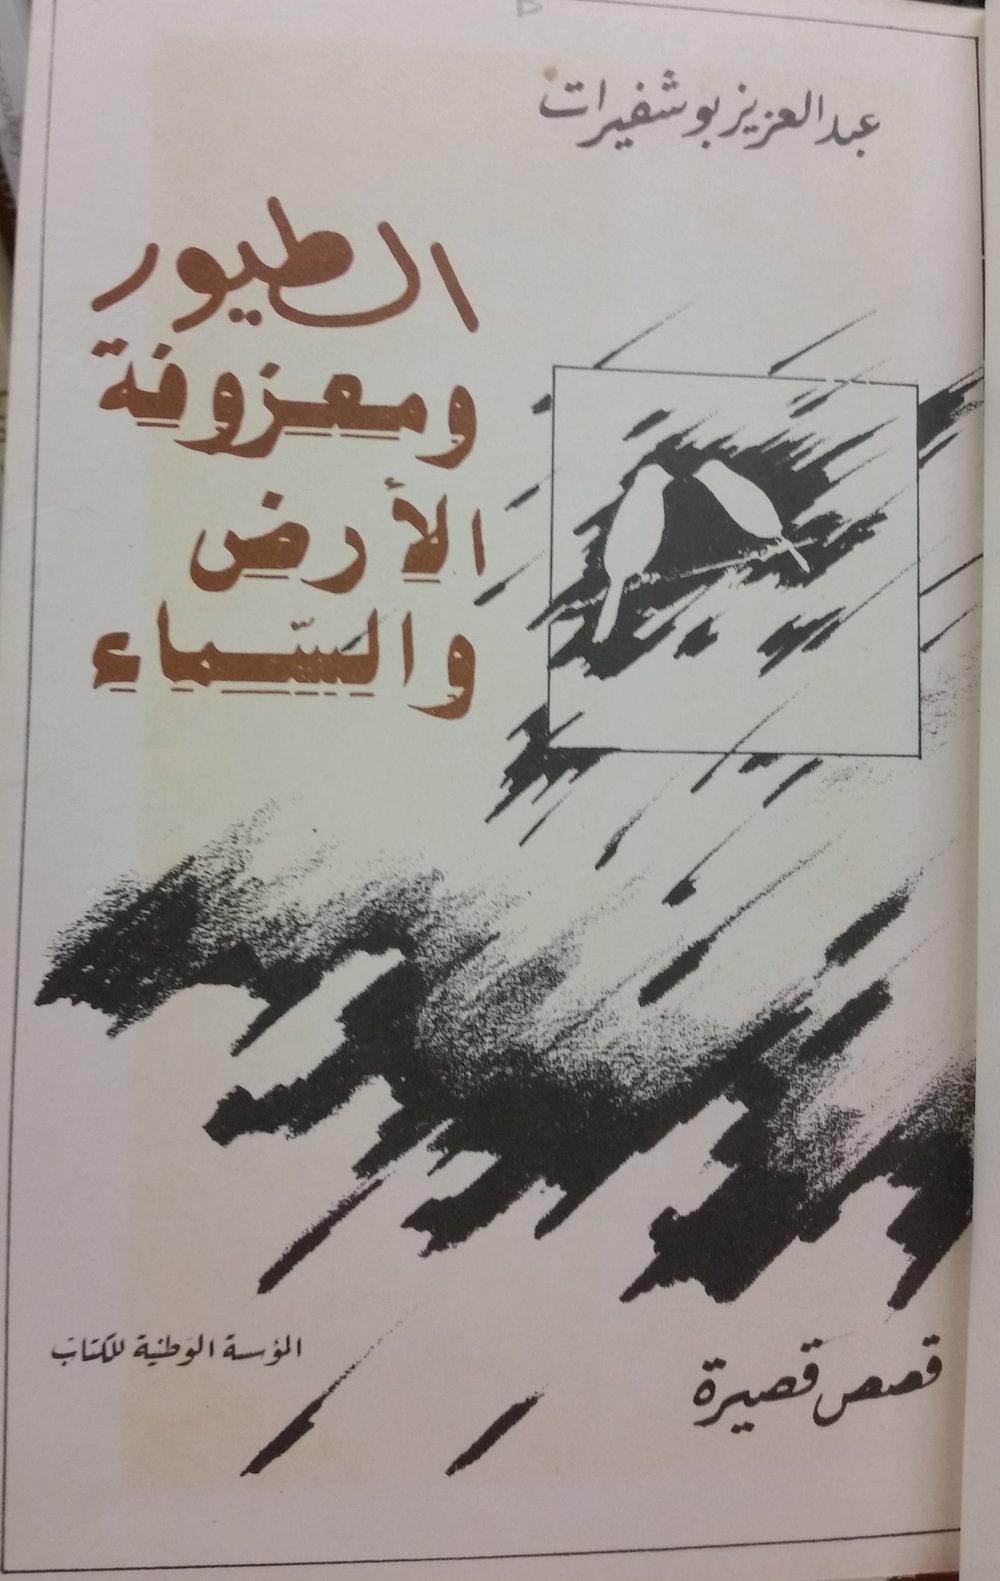 ʻAbd al-ʻAzīz Bū Shufayrāt,  al-Ṭuyūr wa-maʿzūfat al-arḍ wa-l-samāʾ (al-Jazā'ir: al-Mu'assasah al-Waṭanīyah li-l-Kitāb, 1983)